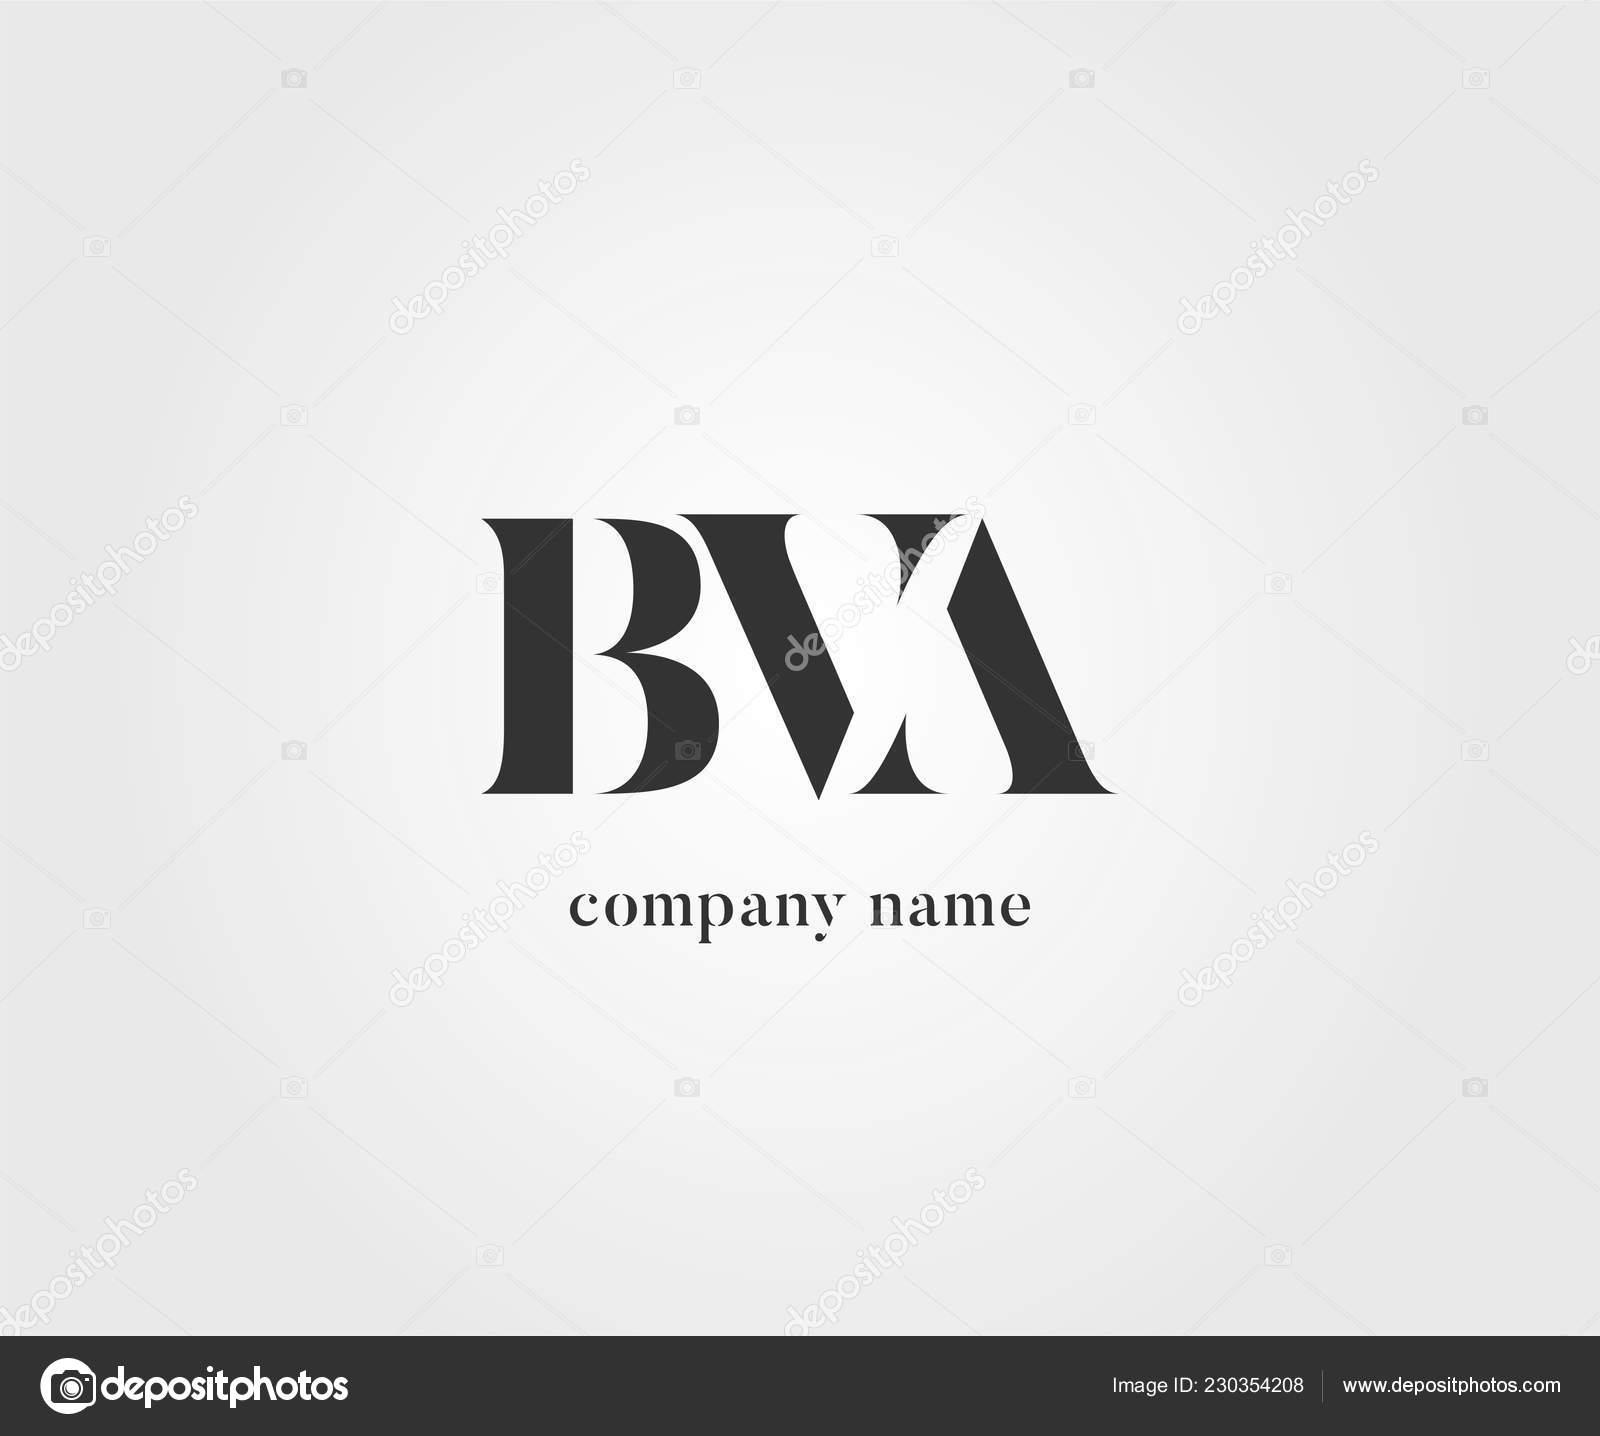 Gemeinsame Bva Logo Für Visitenkarten Vorlage Vektor